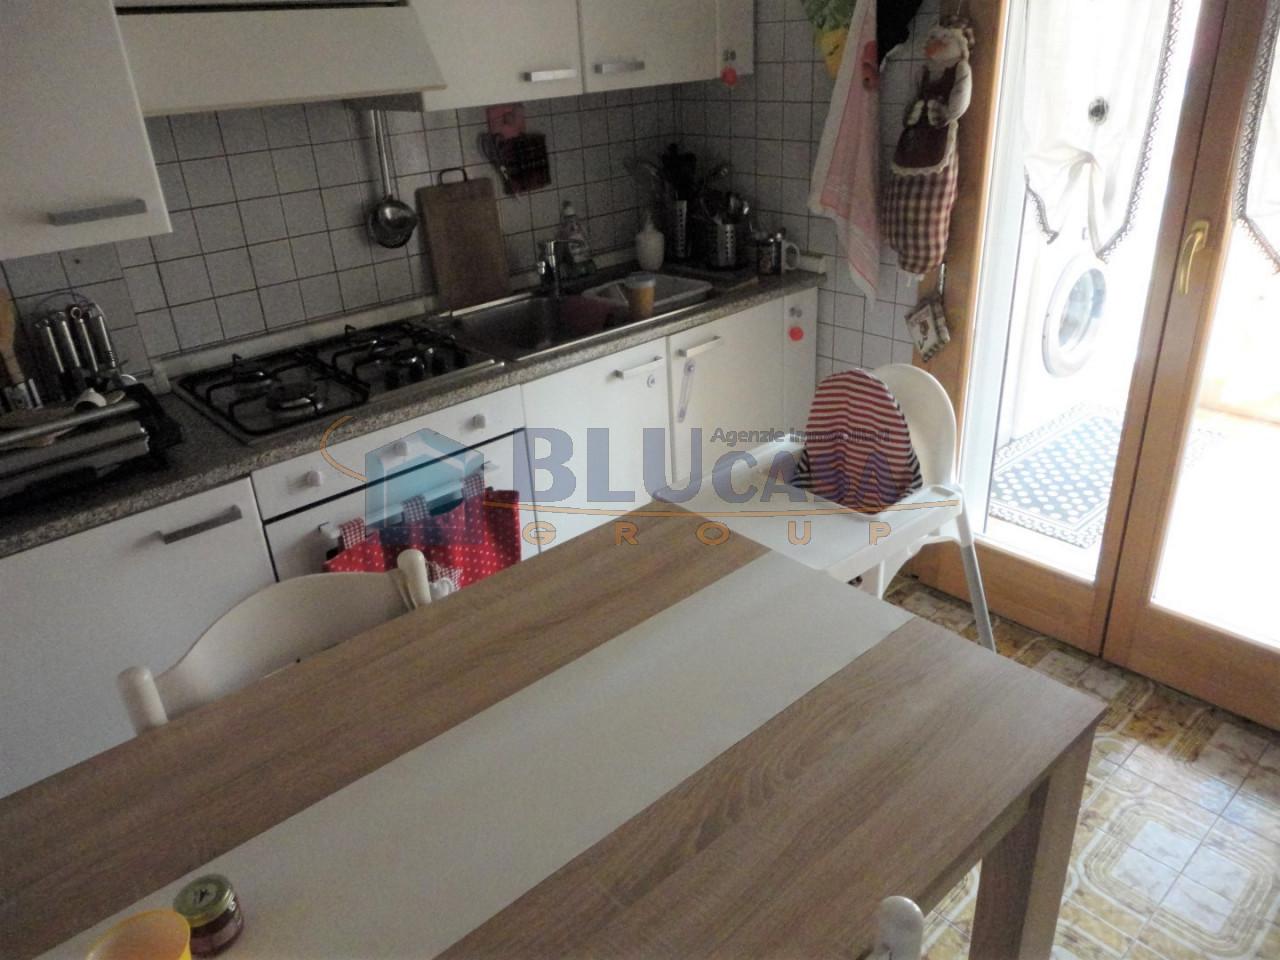 L499 Spazioso Appartamento tricamere in vendita ad Abano Terme https://media.gestionaleimmobiliare.it/foto/annunci/200225/2192224/1280x1280/005__06_cucina.jpg